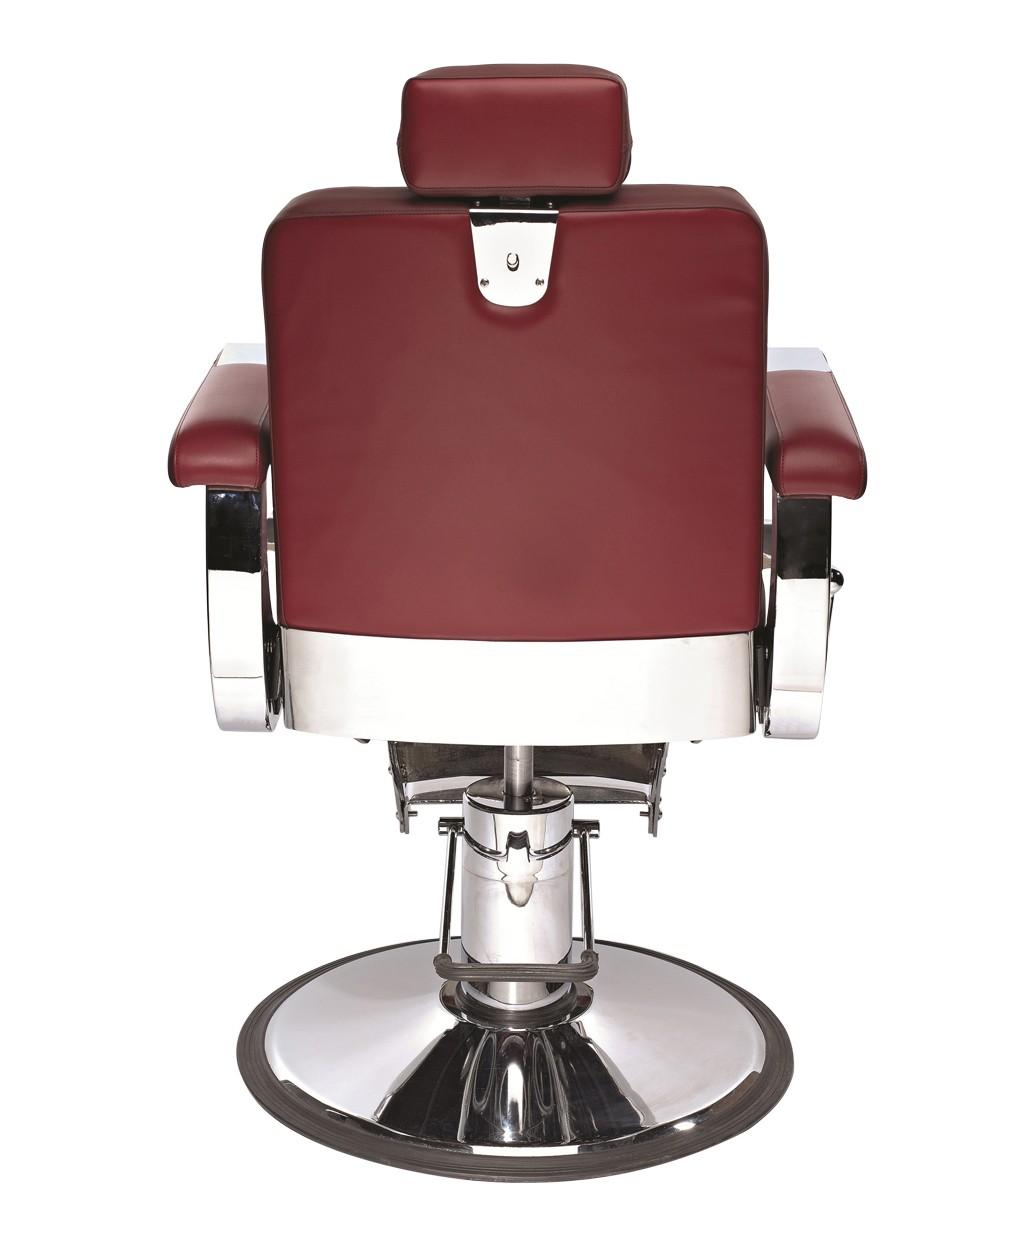 kids car barber chair eno hammock new hydraulic pump